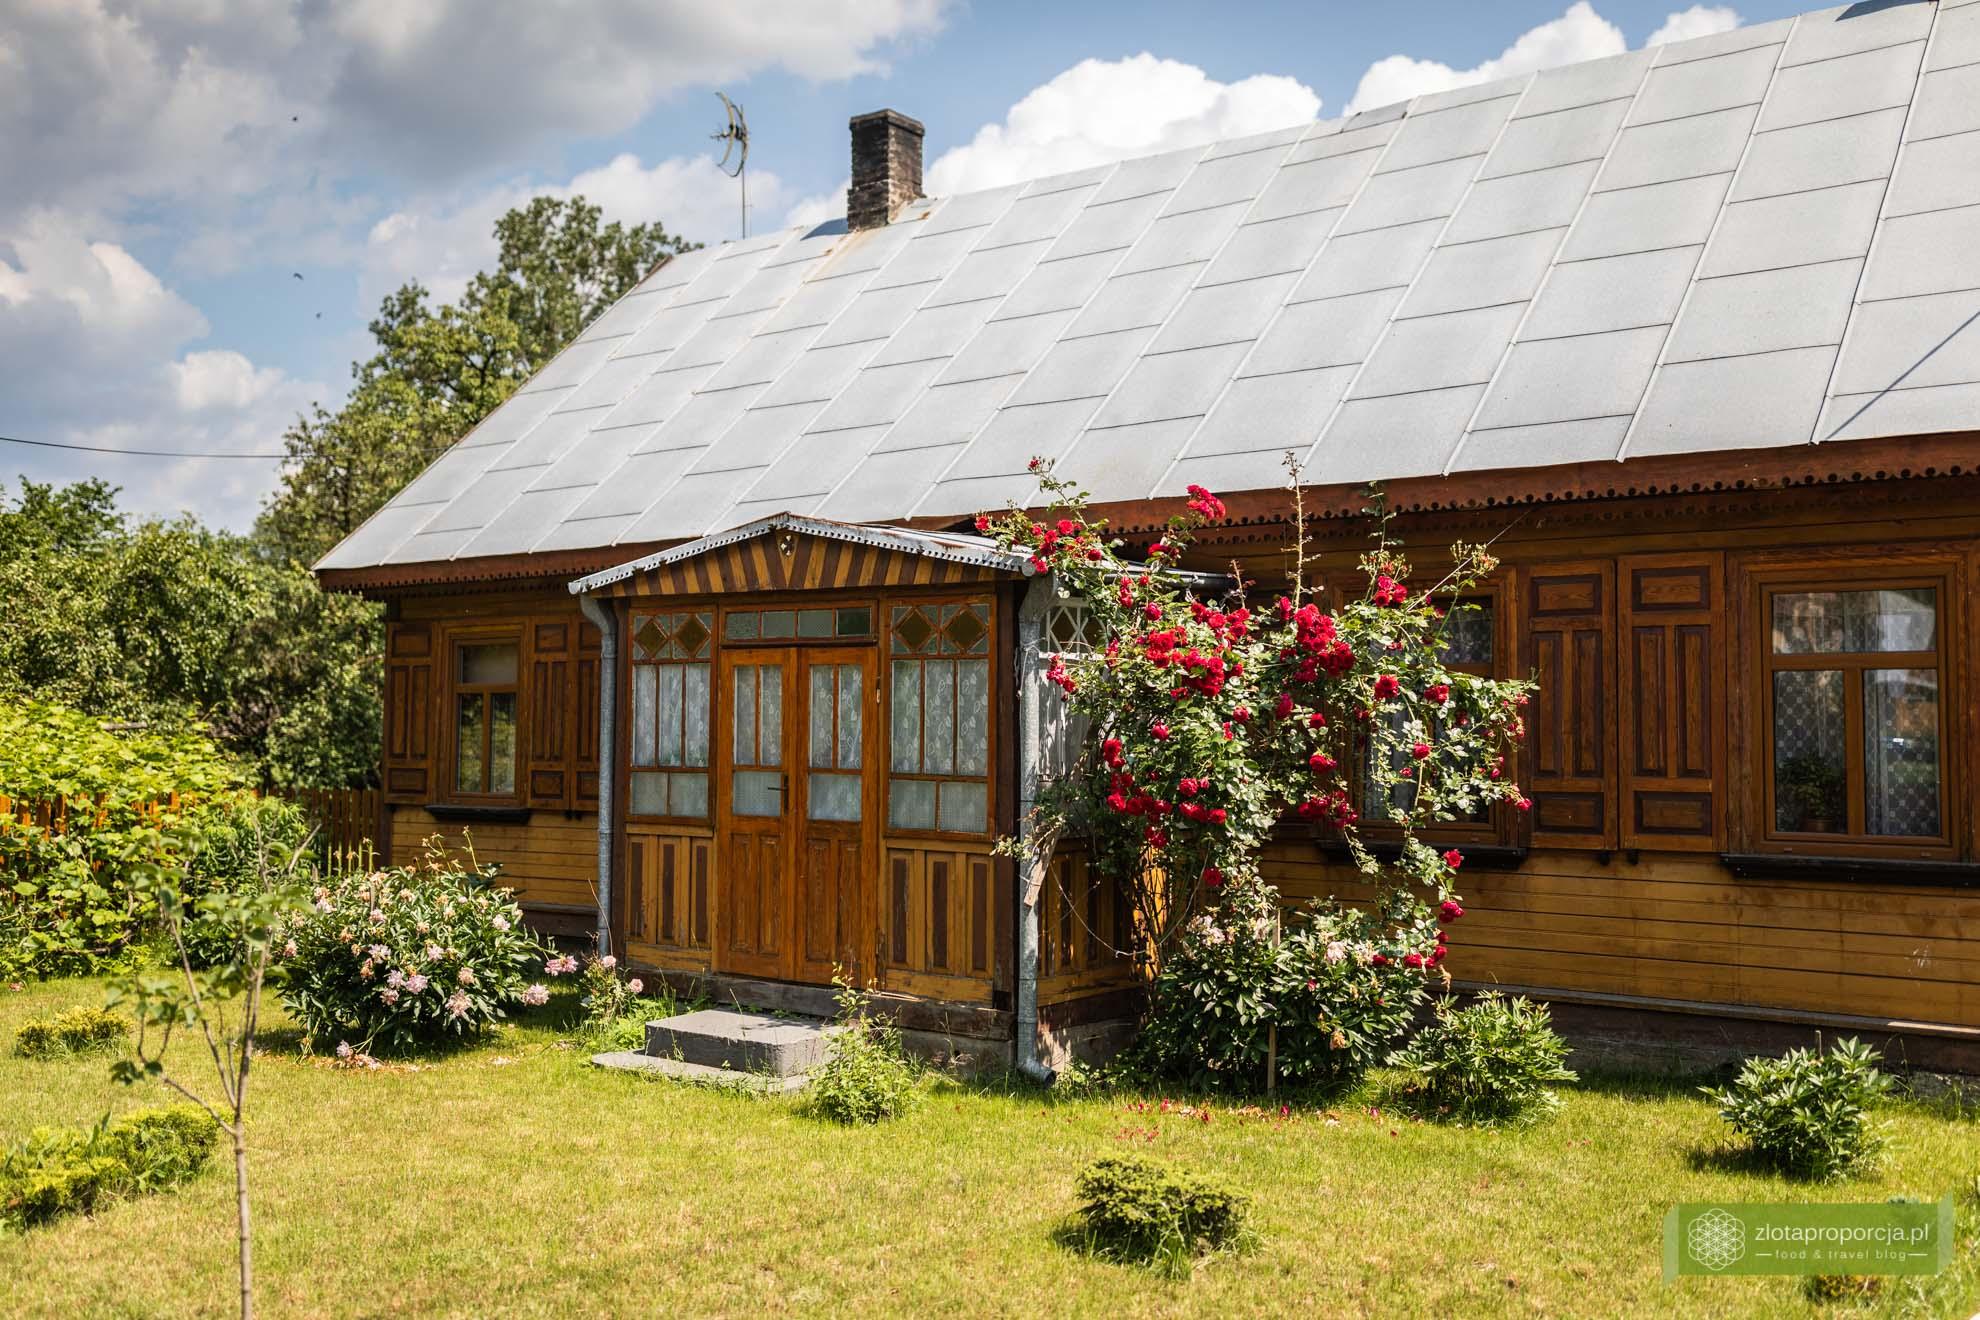 Podlasie; Podlasie rowerem; szlak drewnianych cerkwi Podlasie; okolice Hajnówki; Nowoberezowo; chata Podlasie; chata podlaska; najpiękniejsze cerkwie na Podlasiu;